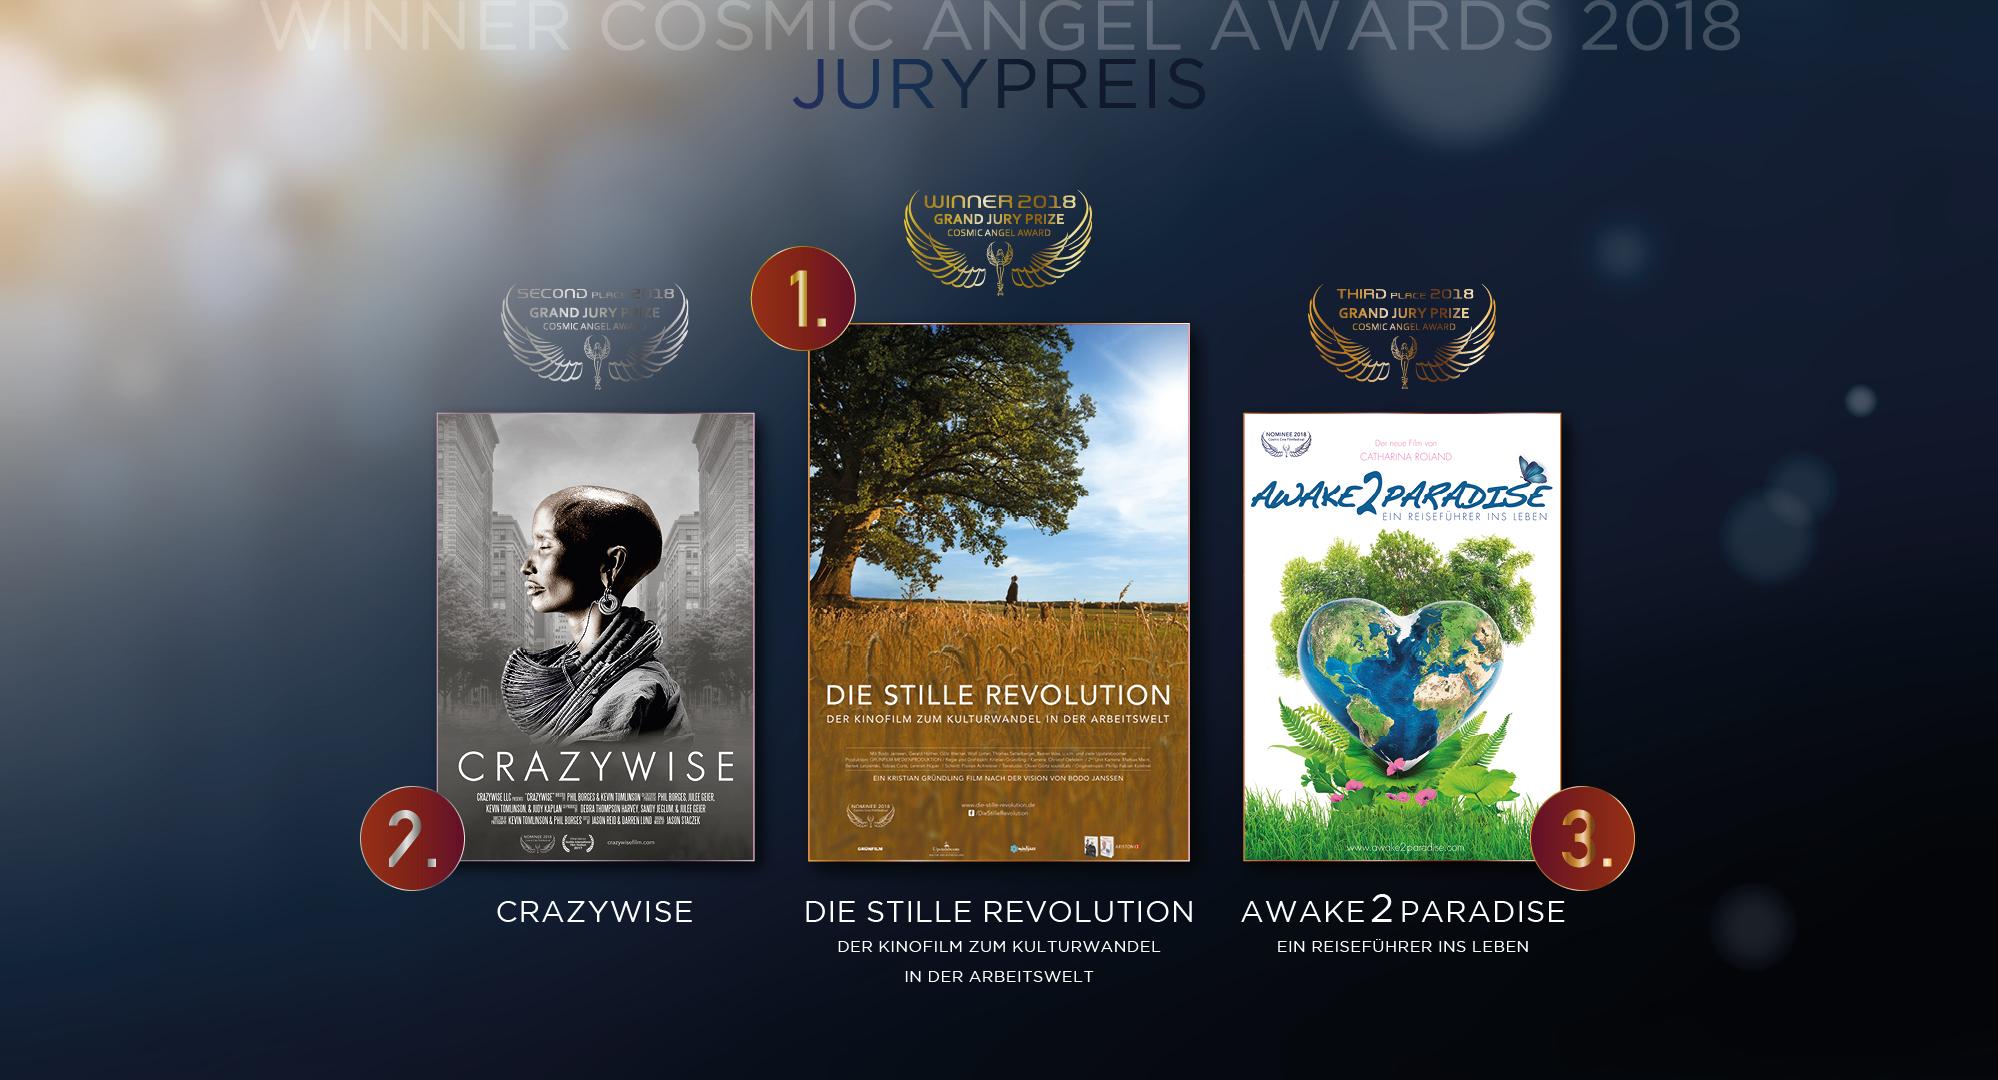 Cosmic Cine - Winner Cosmic Angel Grande Jury Prize - Juryprize